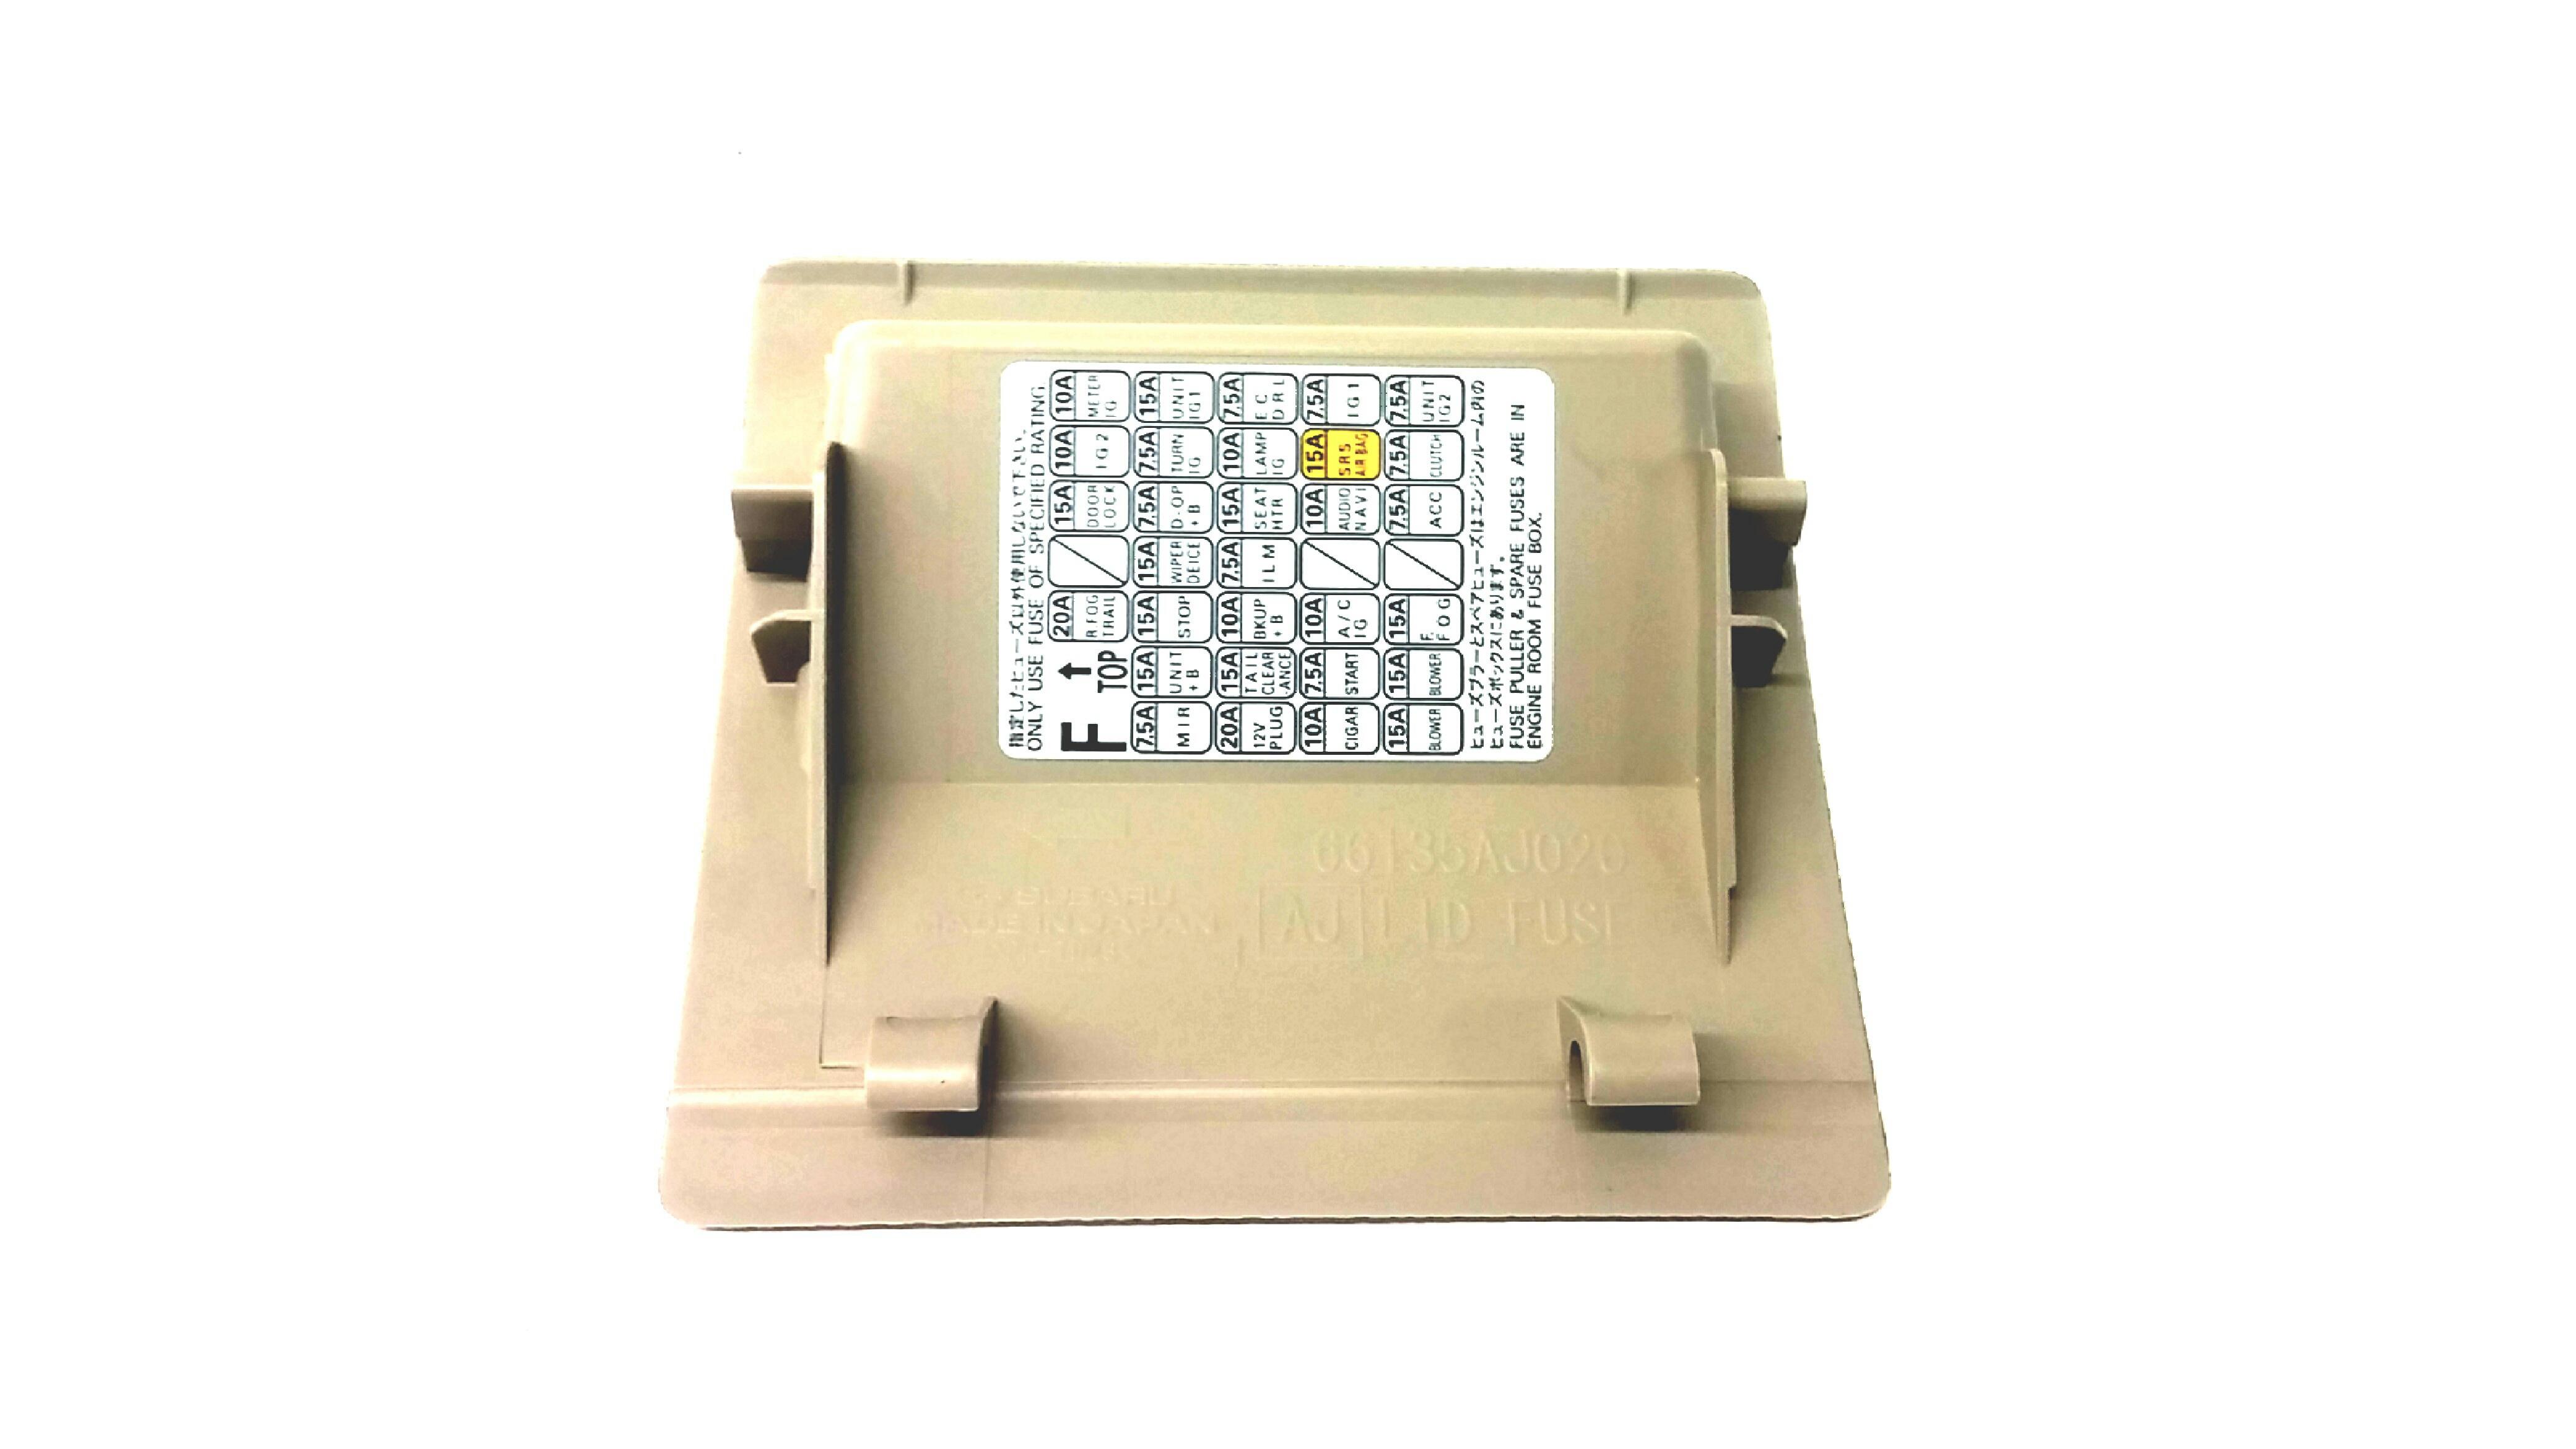 subaru crosstrek fuse box 2014 subaru crosstrek lid assembly-fuse box - 66135fj010wj ... subaru impreza fuse box layout #4